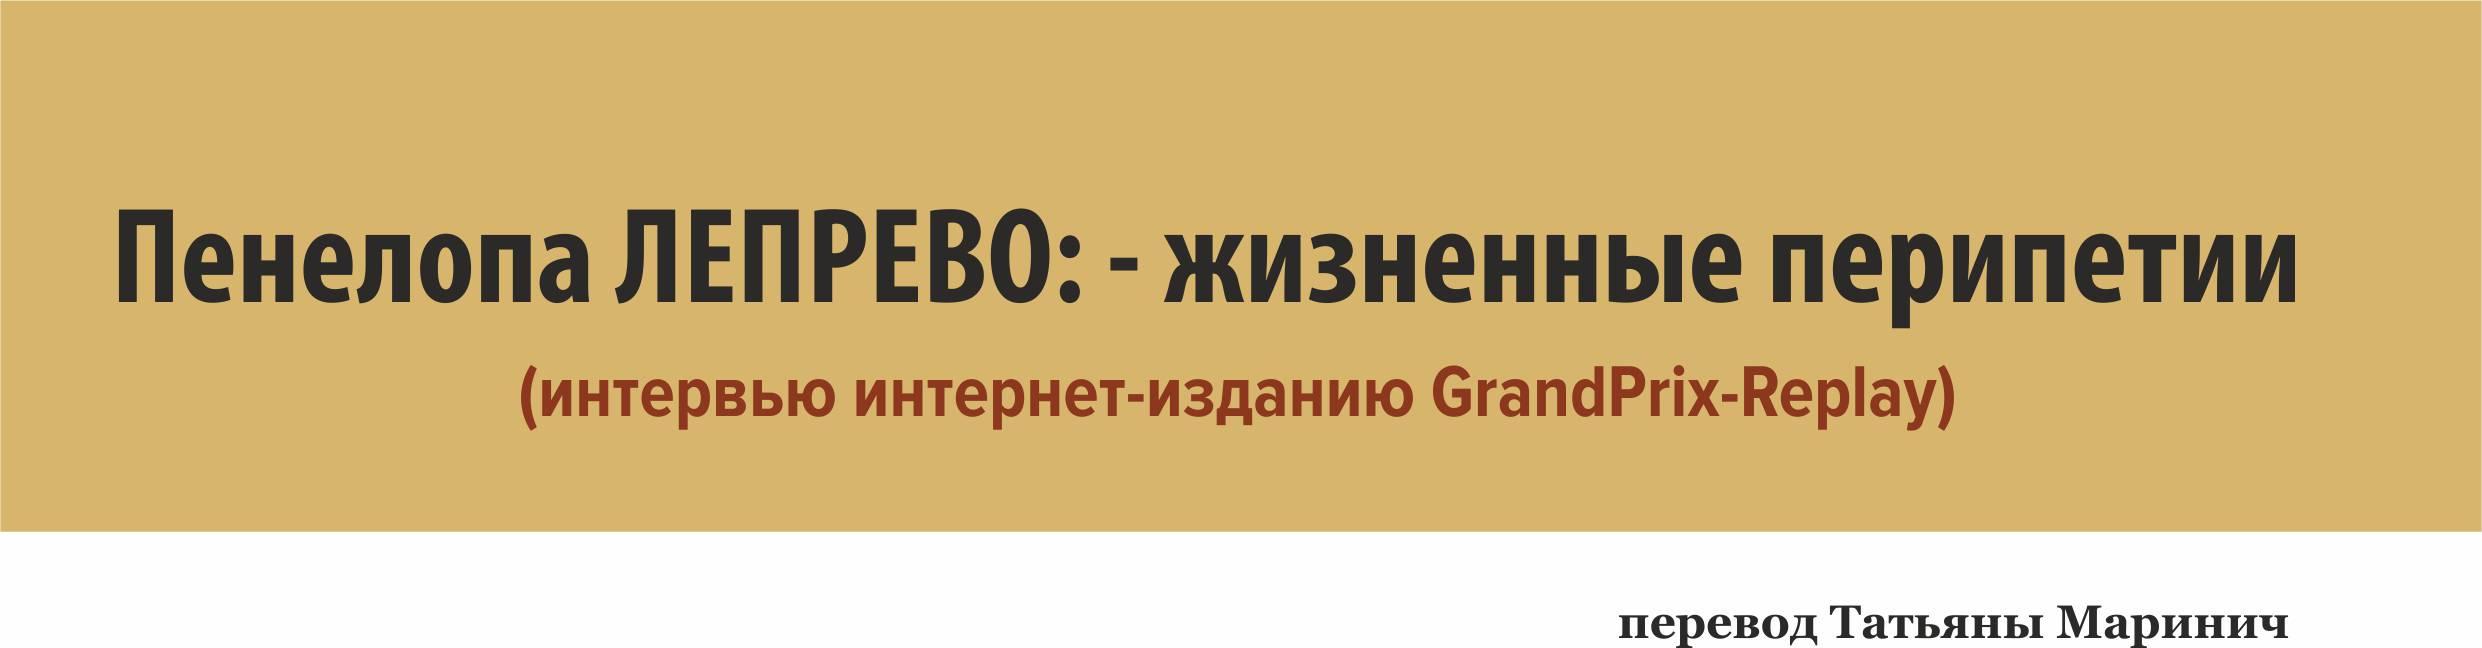 Пенелопа Лепрево: - жизненные перипетии (интервью интернет-изданию GrandPrix-Replay)